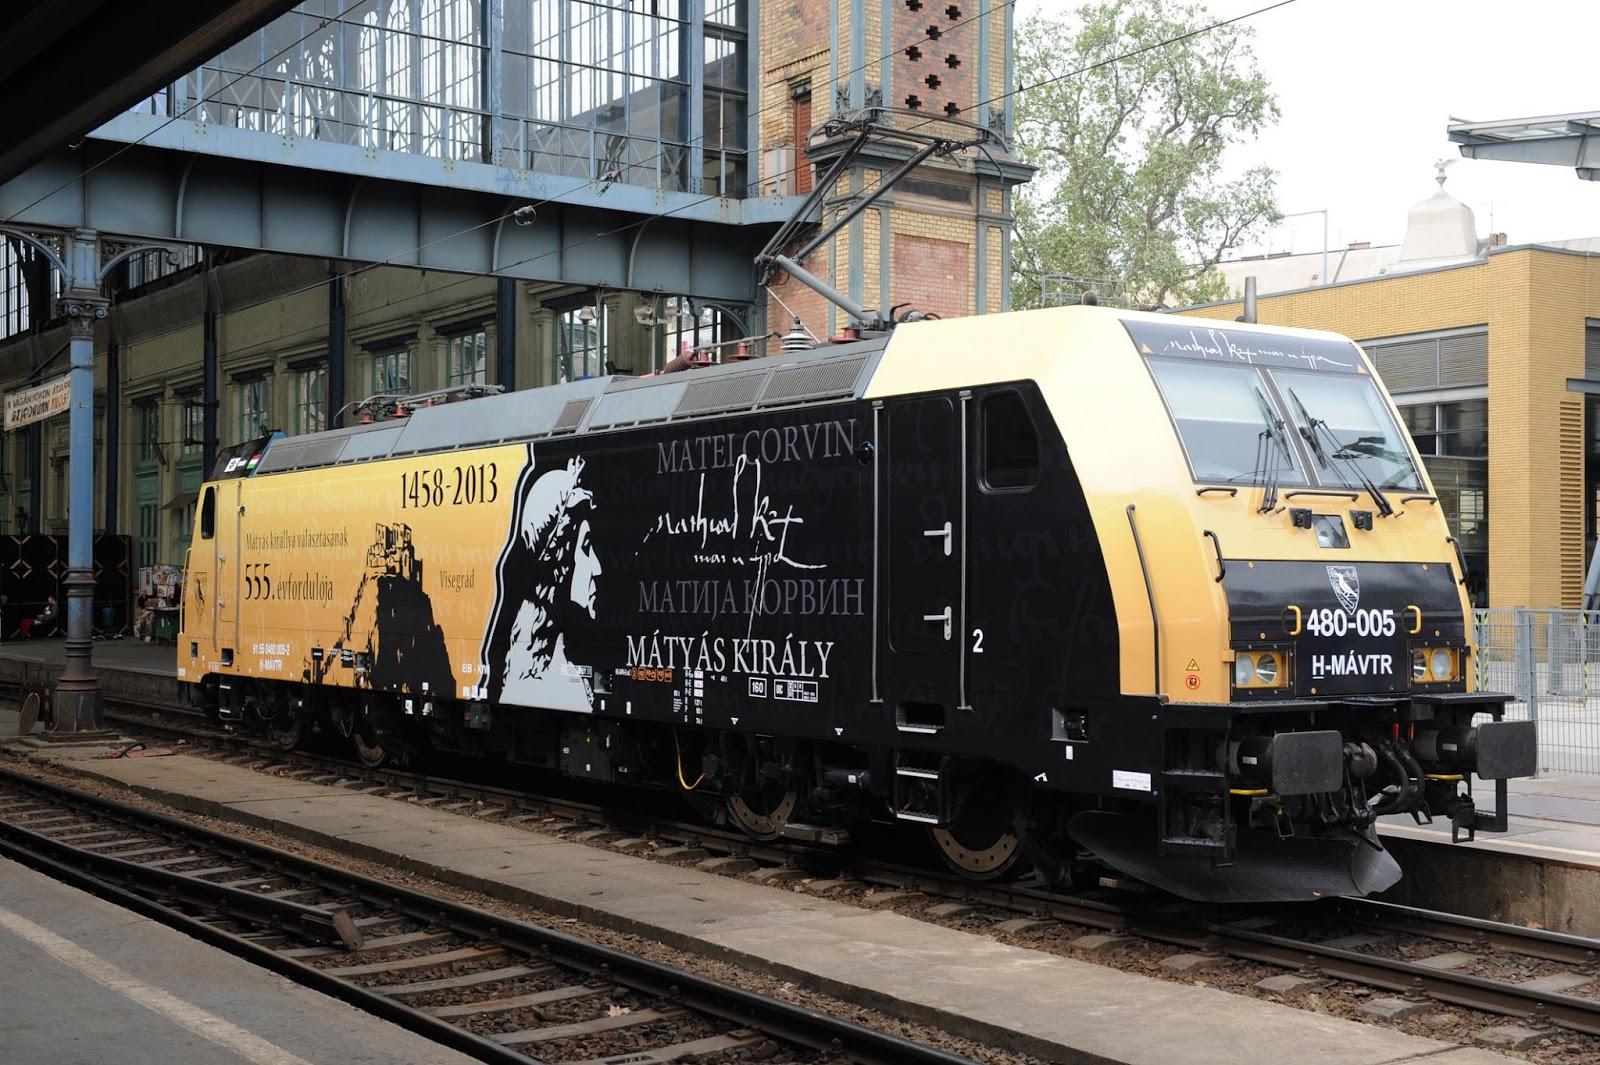 Tavaly ez a mozdony húzta a vonatot.